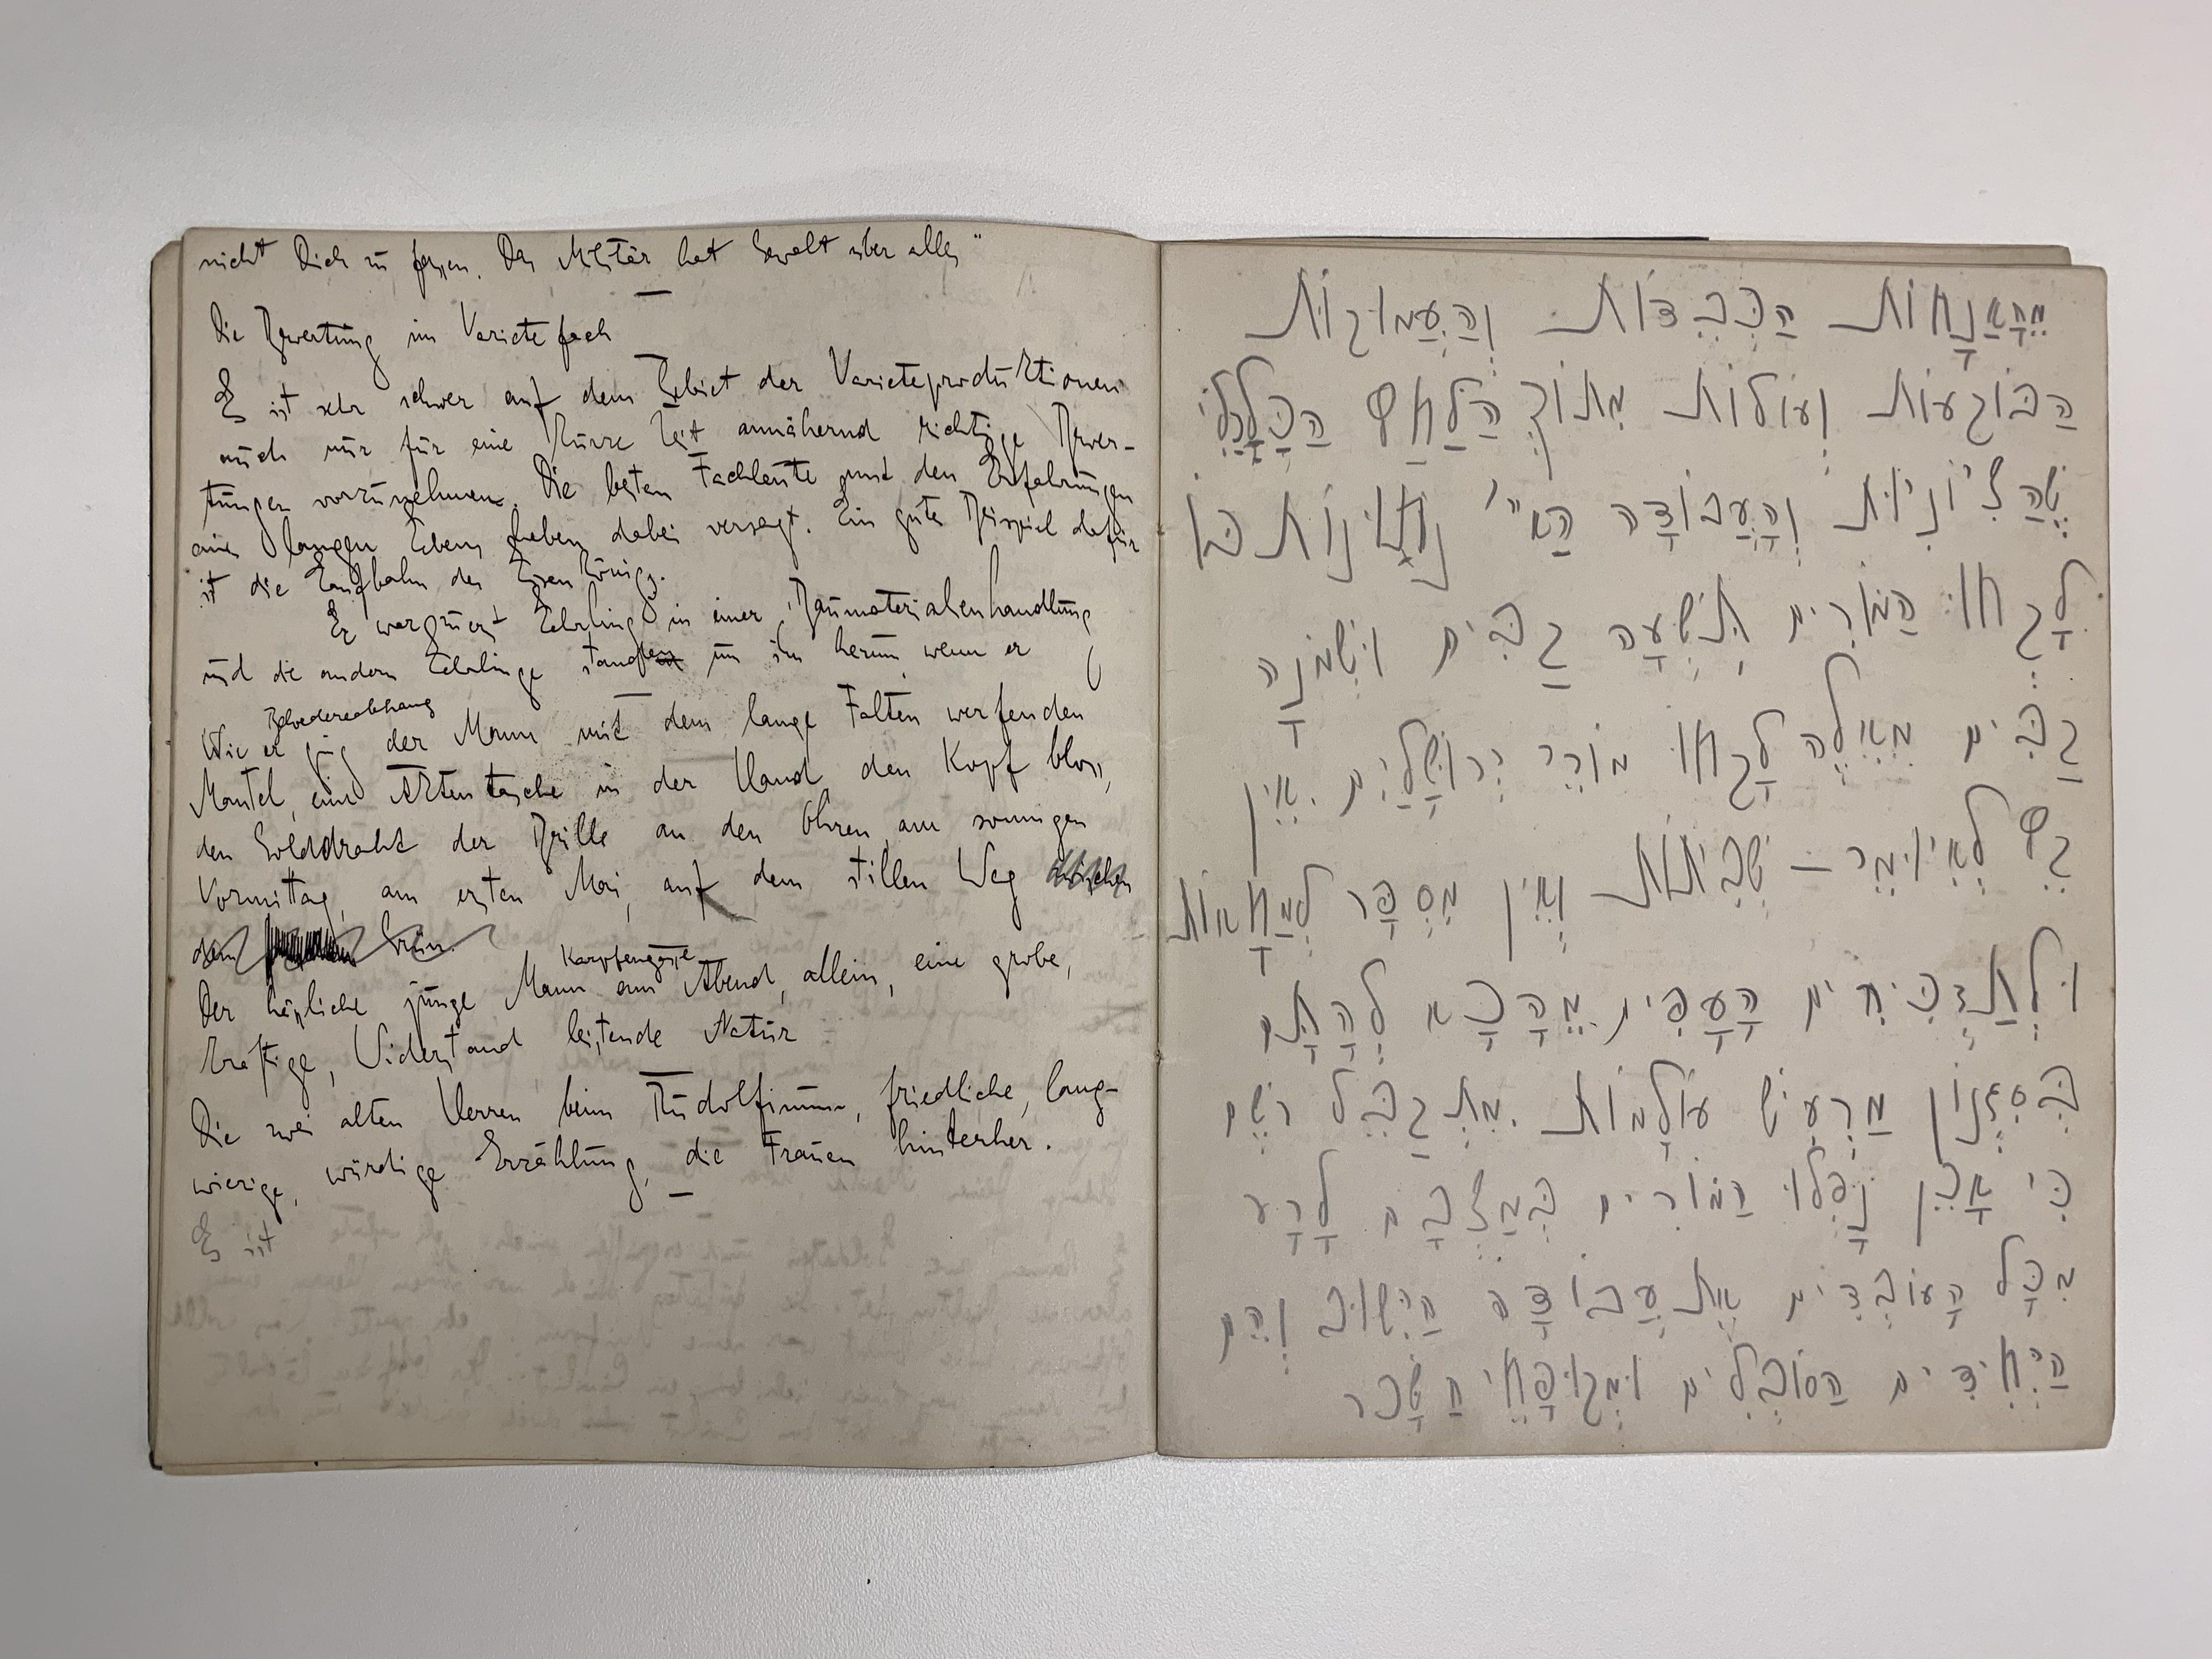 Библиотека Израиля обнародует неизвестный архив Кафки в интернете